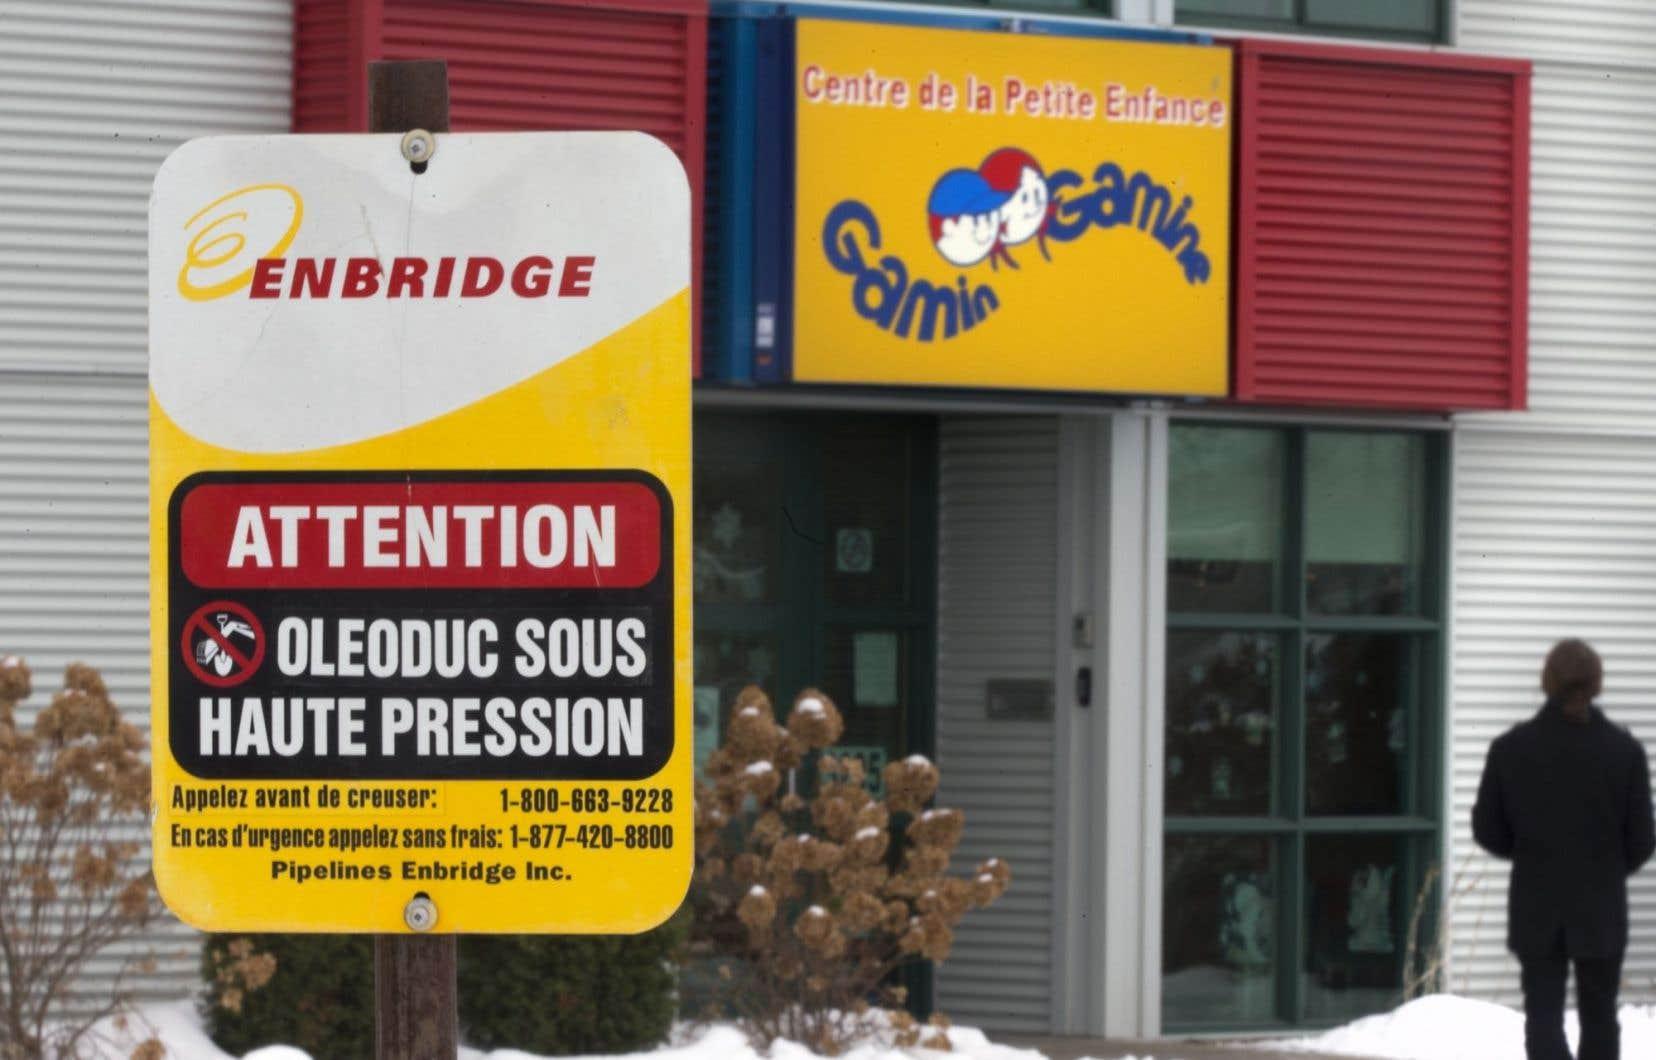 Le pipeline d'Enbridge, construit en 1975, traverse en effet des zones résidentielles densément peuplées de l'est de Laval.